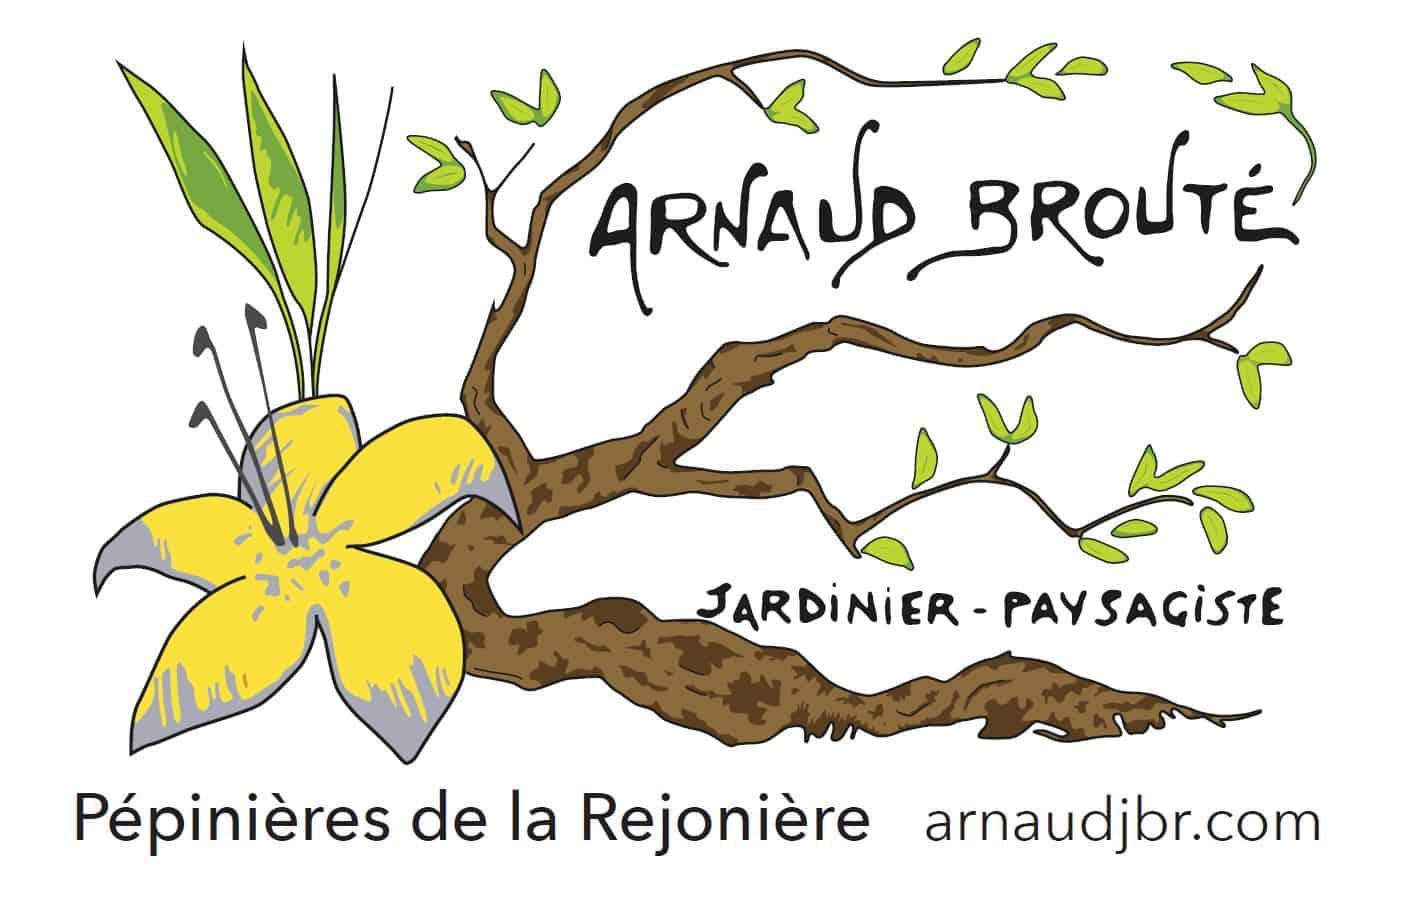 Logo ARNAUD BROUTE JARDINIER PAYSAGISTE